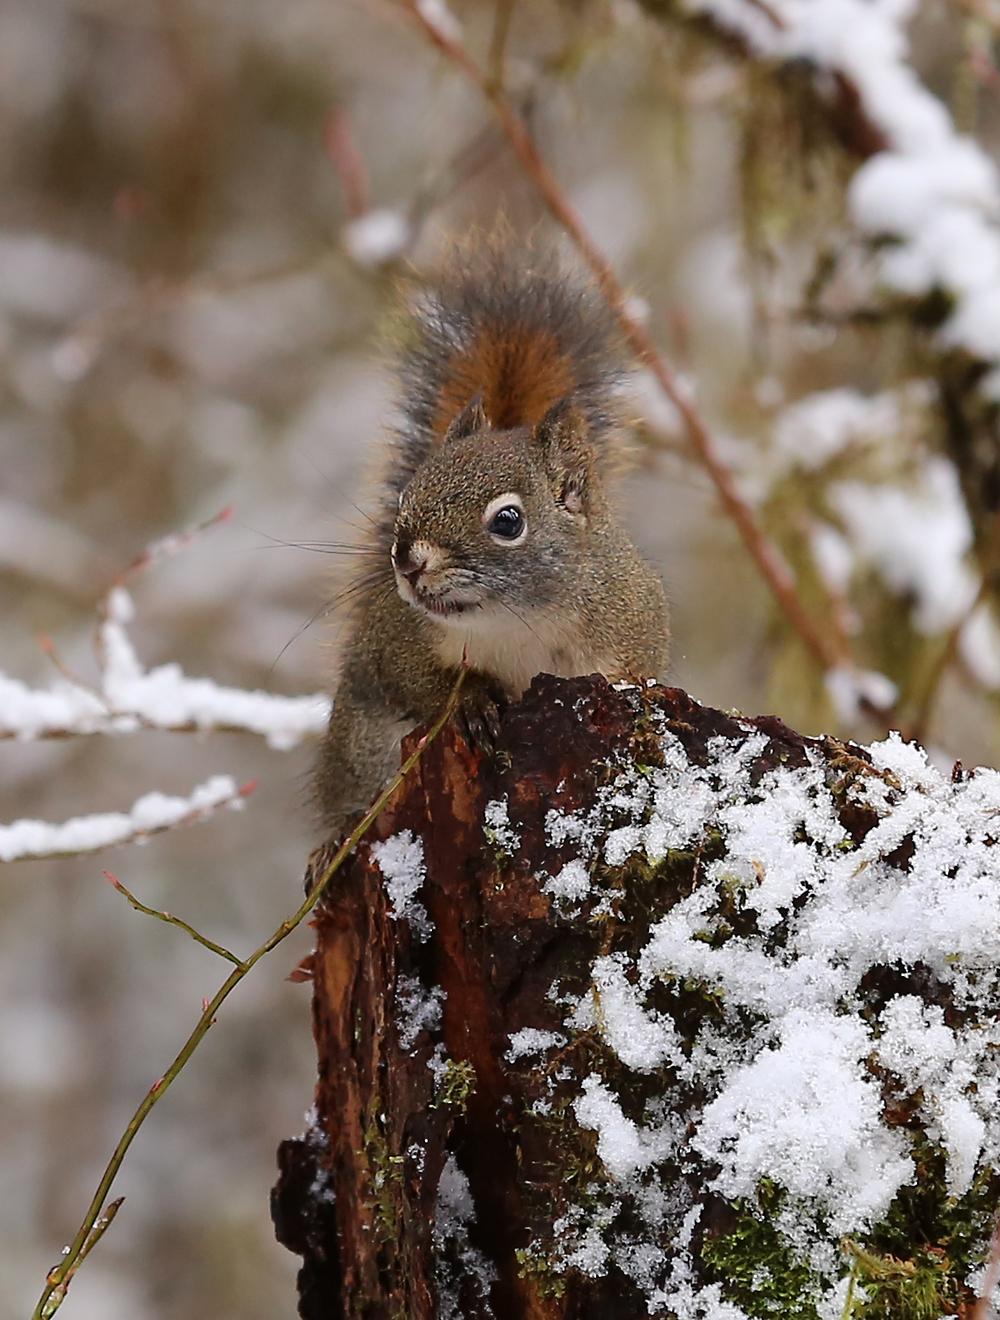 Red squirrel Alaska tree squirrel